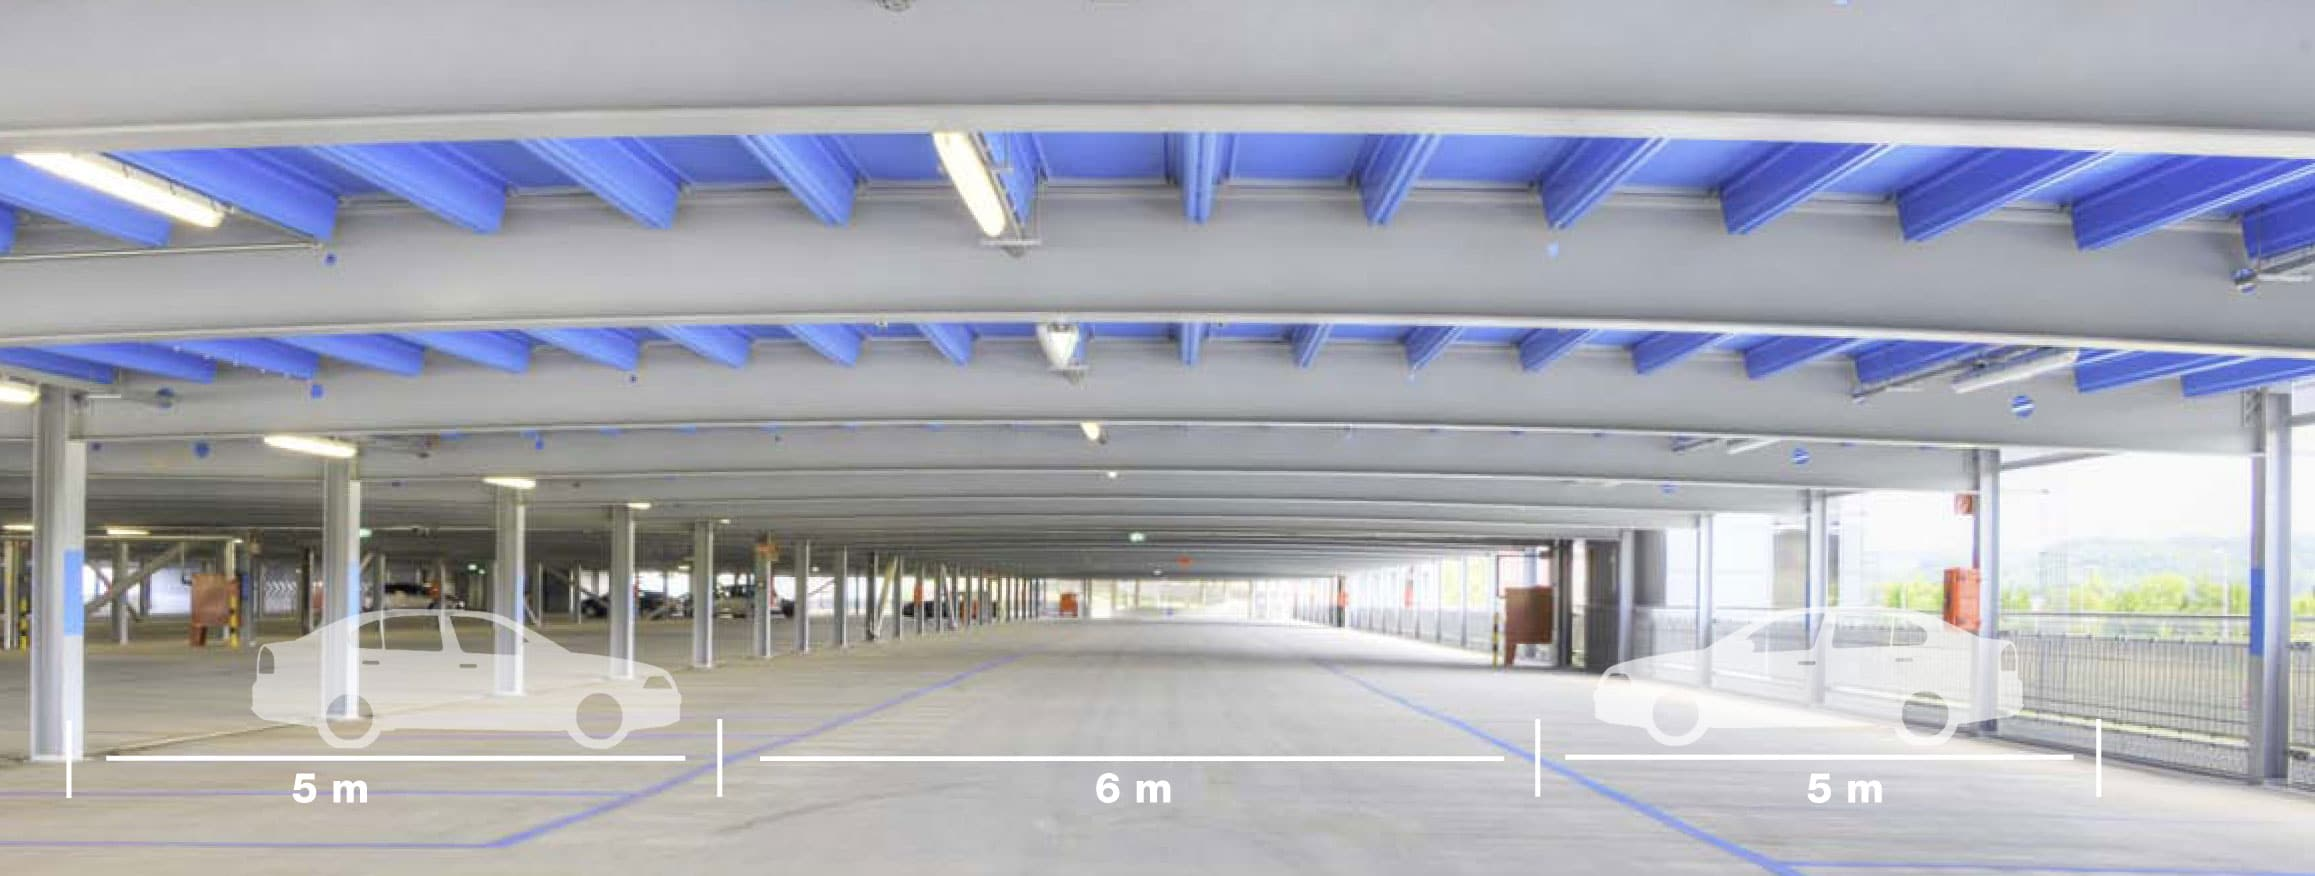 construction de parkings a riens m talliques adapt s aux centres commerciaux. Black Bedroom Furniture Sets. Home Design Ideas